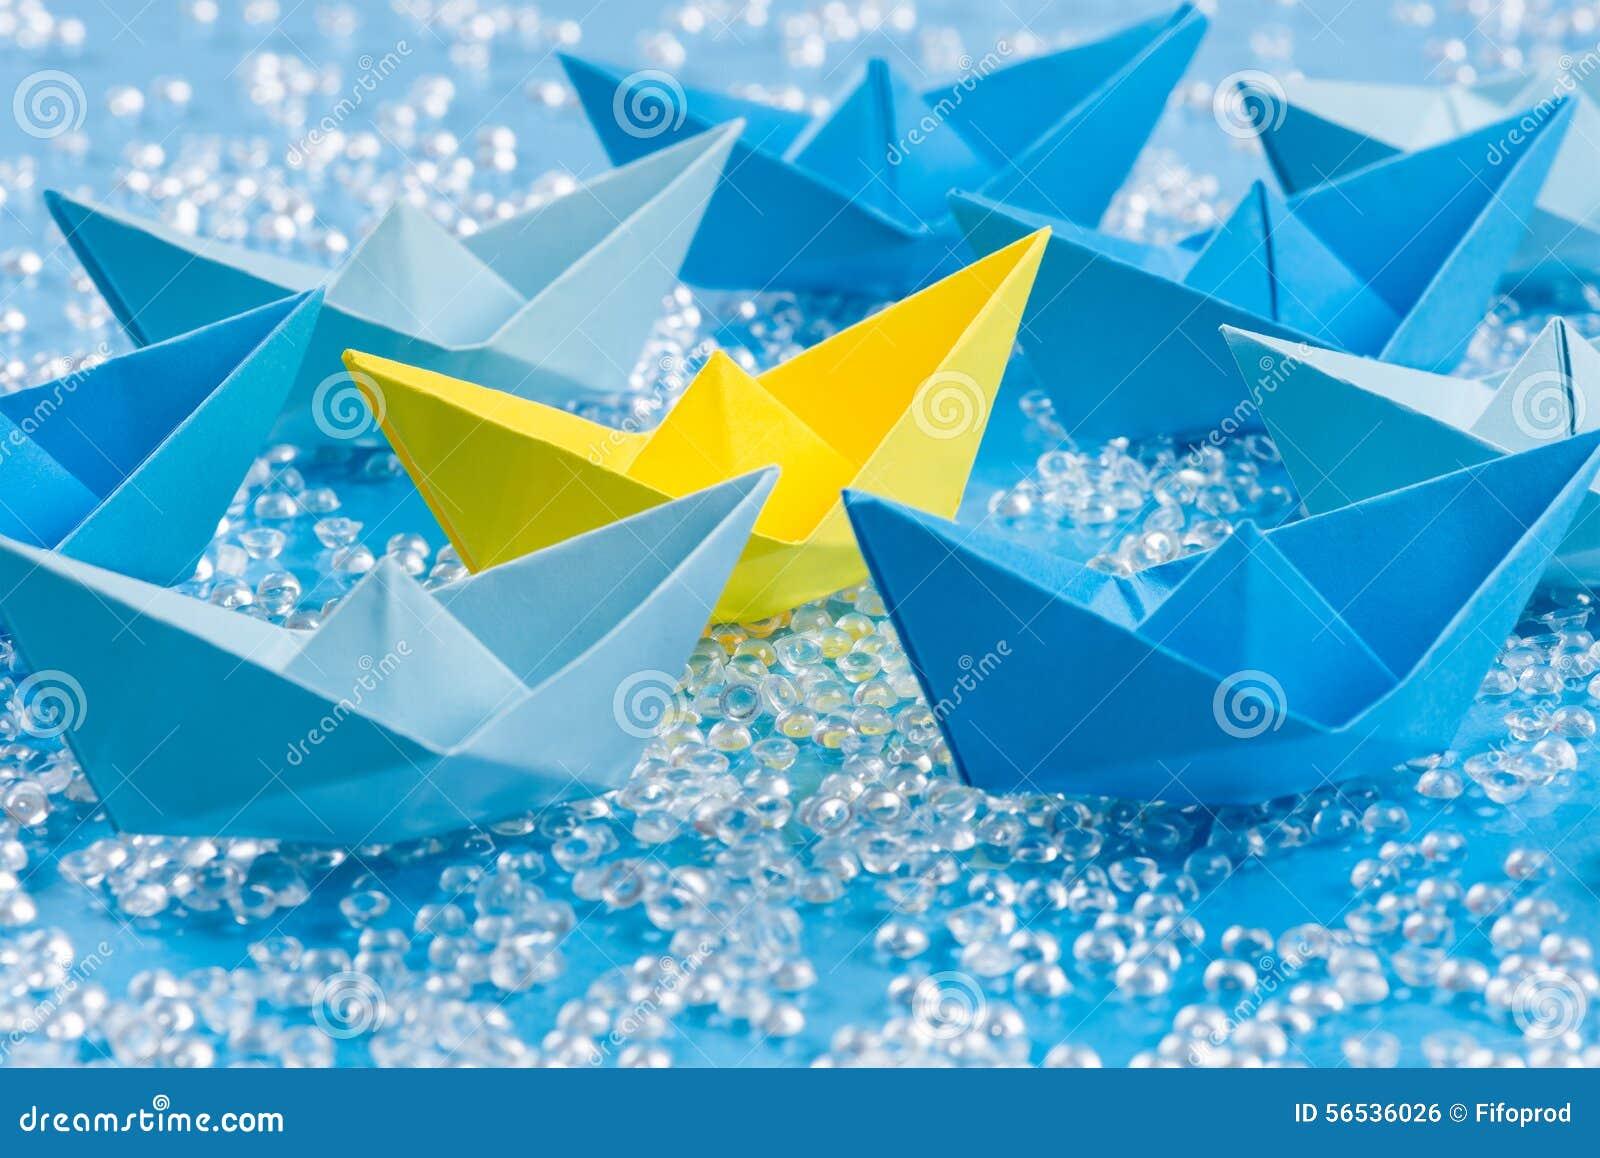 Vloot van blauwe Origamidocument schepen op blauw water zoals achtergrond die gele omringen